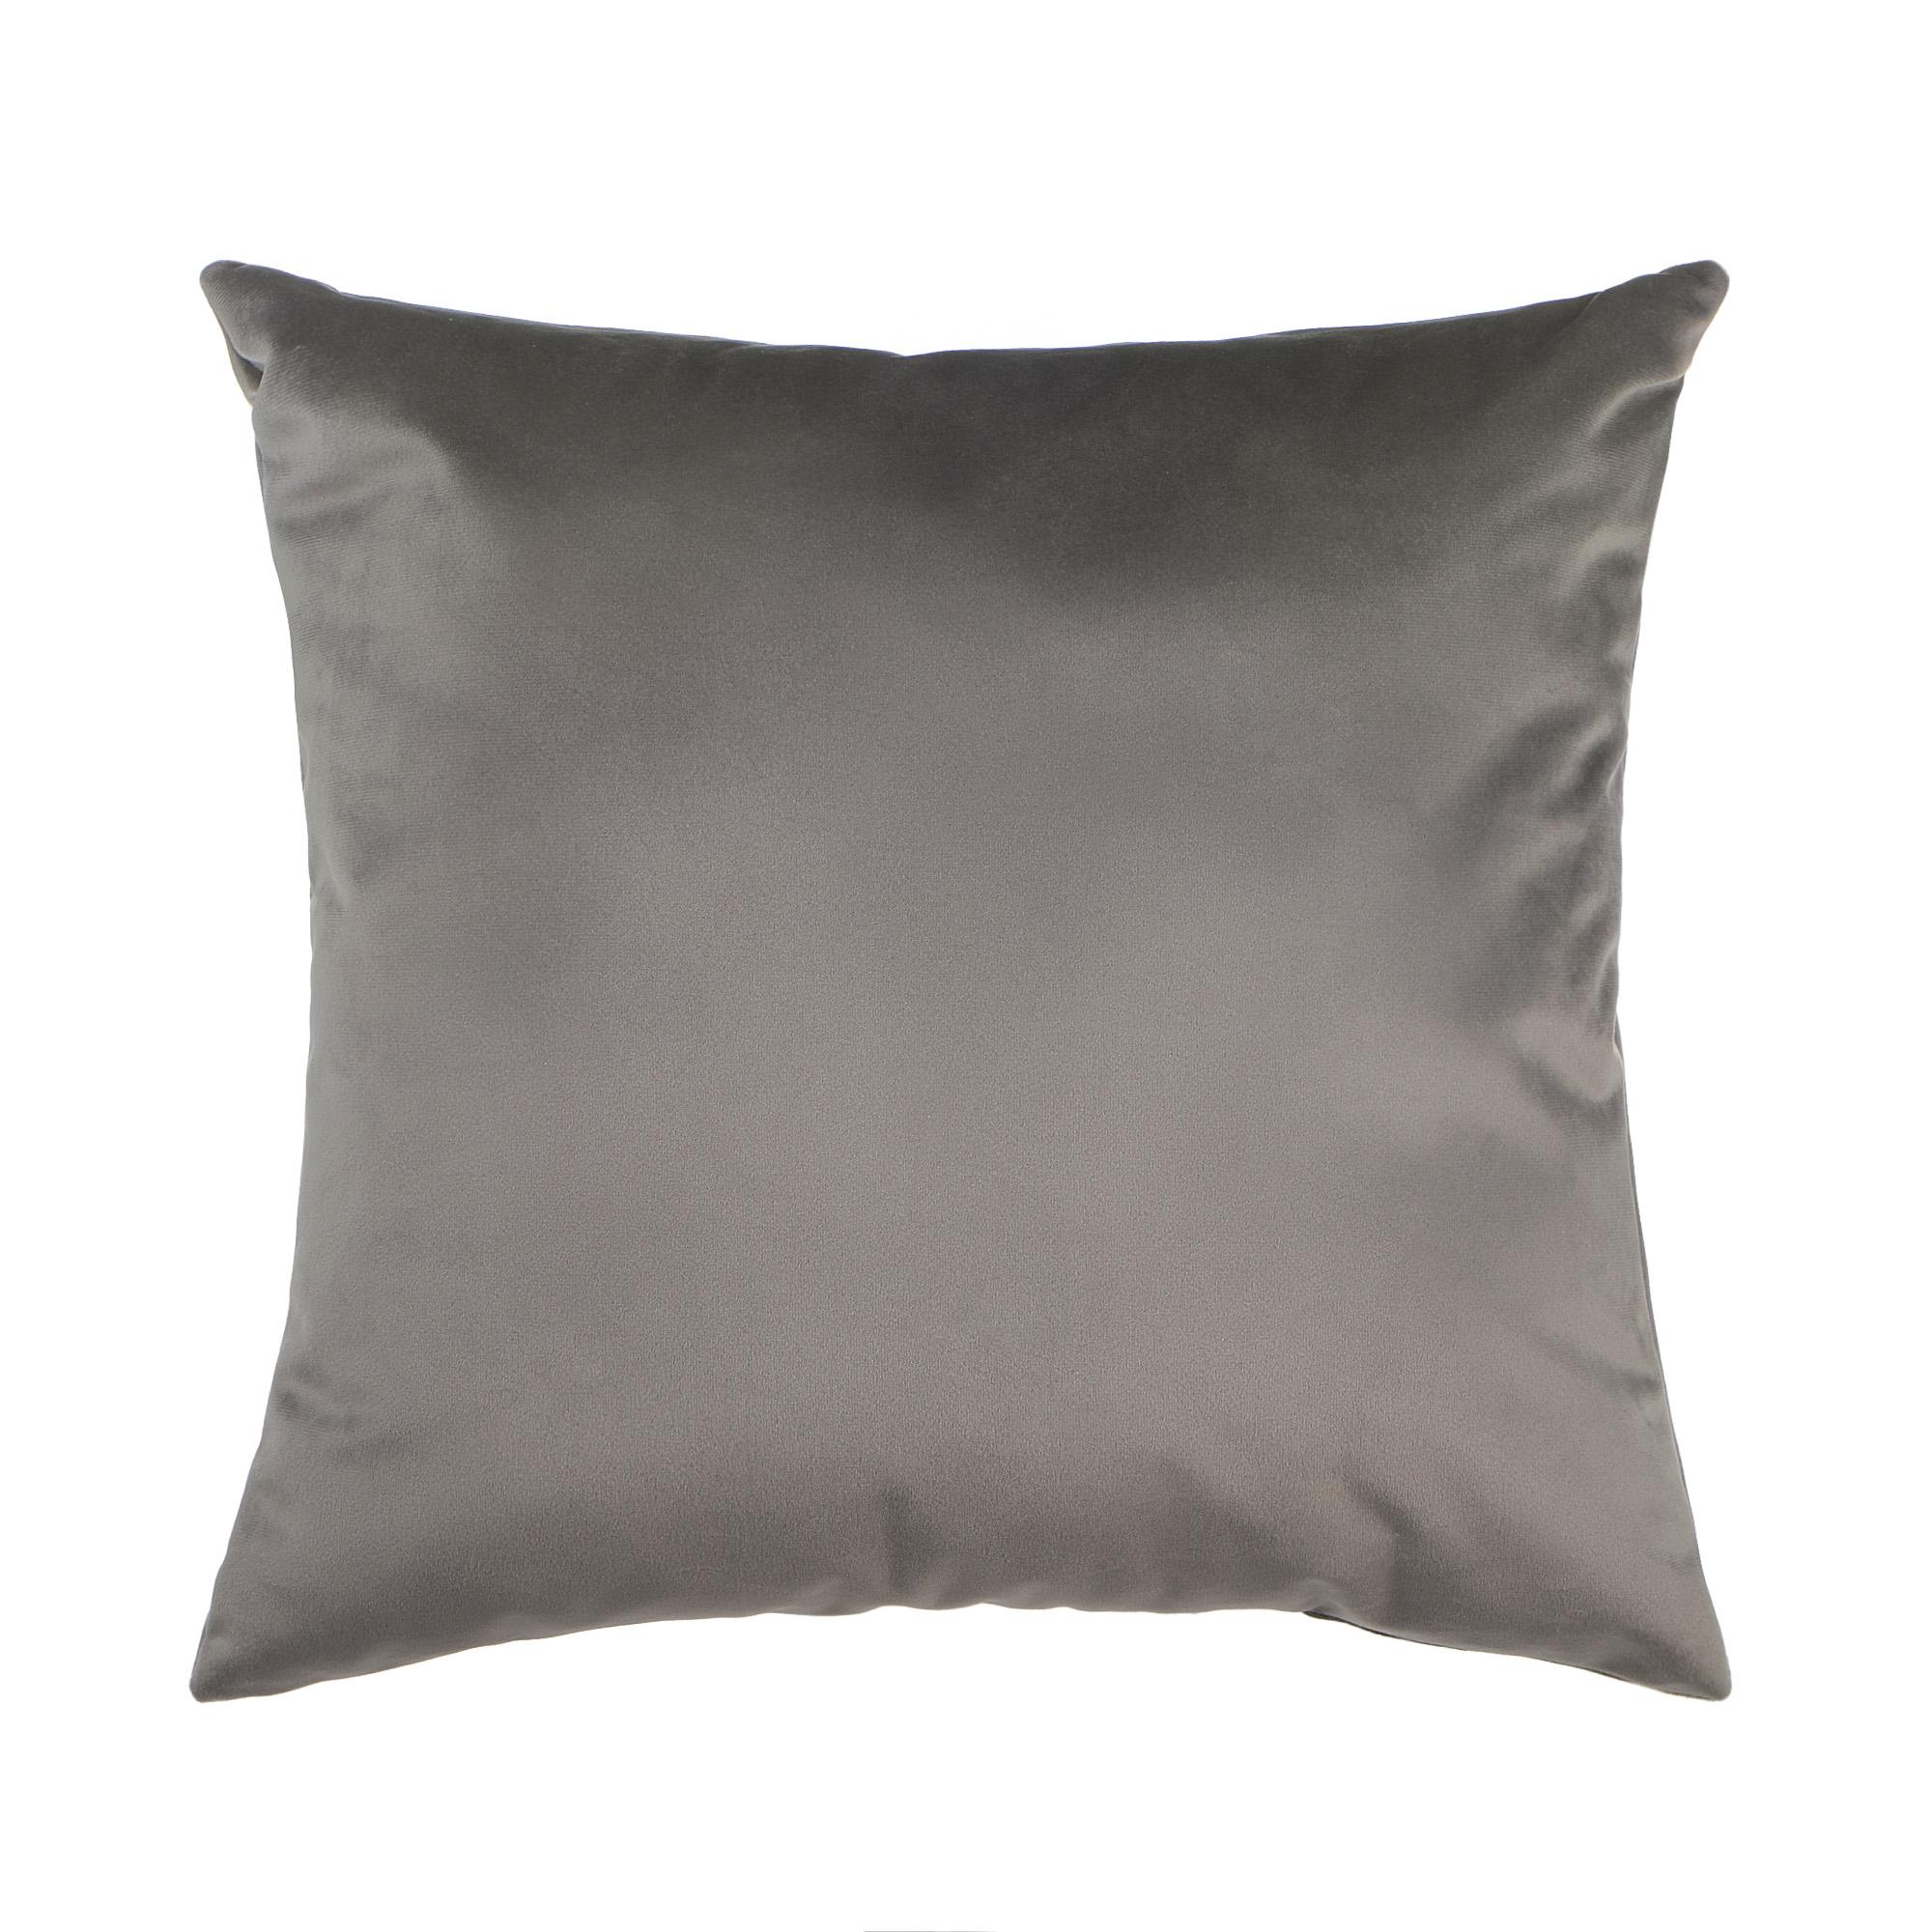 Декоративная подушка Sanpa Софи серая 40х40 см подушка декоративная коллекция а6 камуфляж 40х40 см